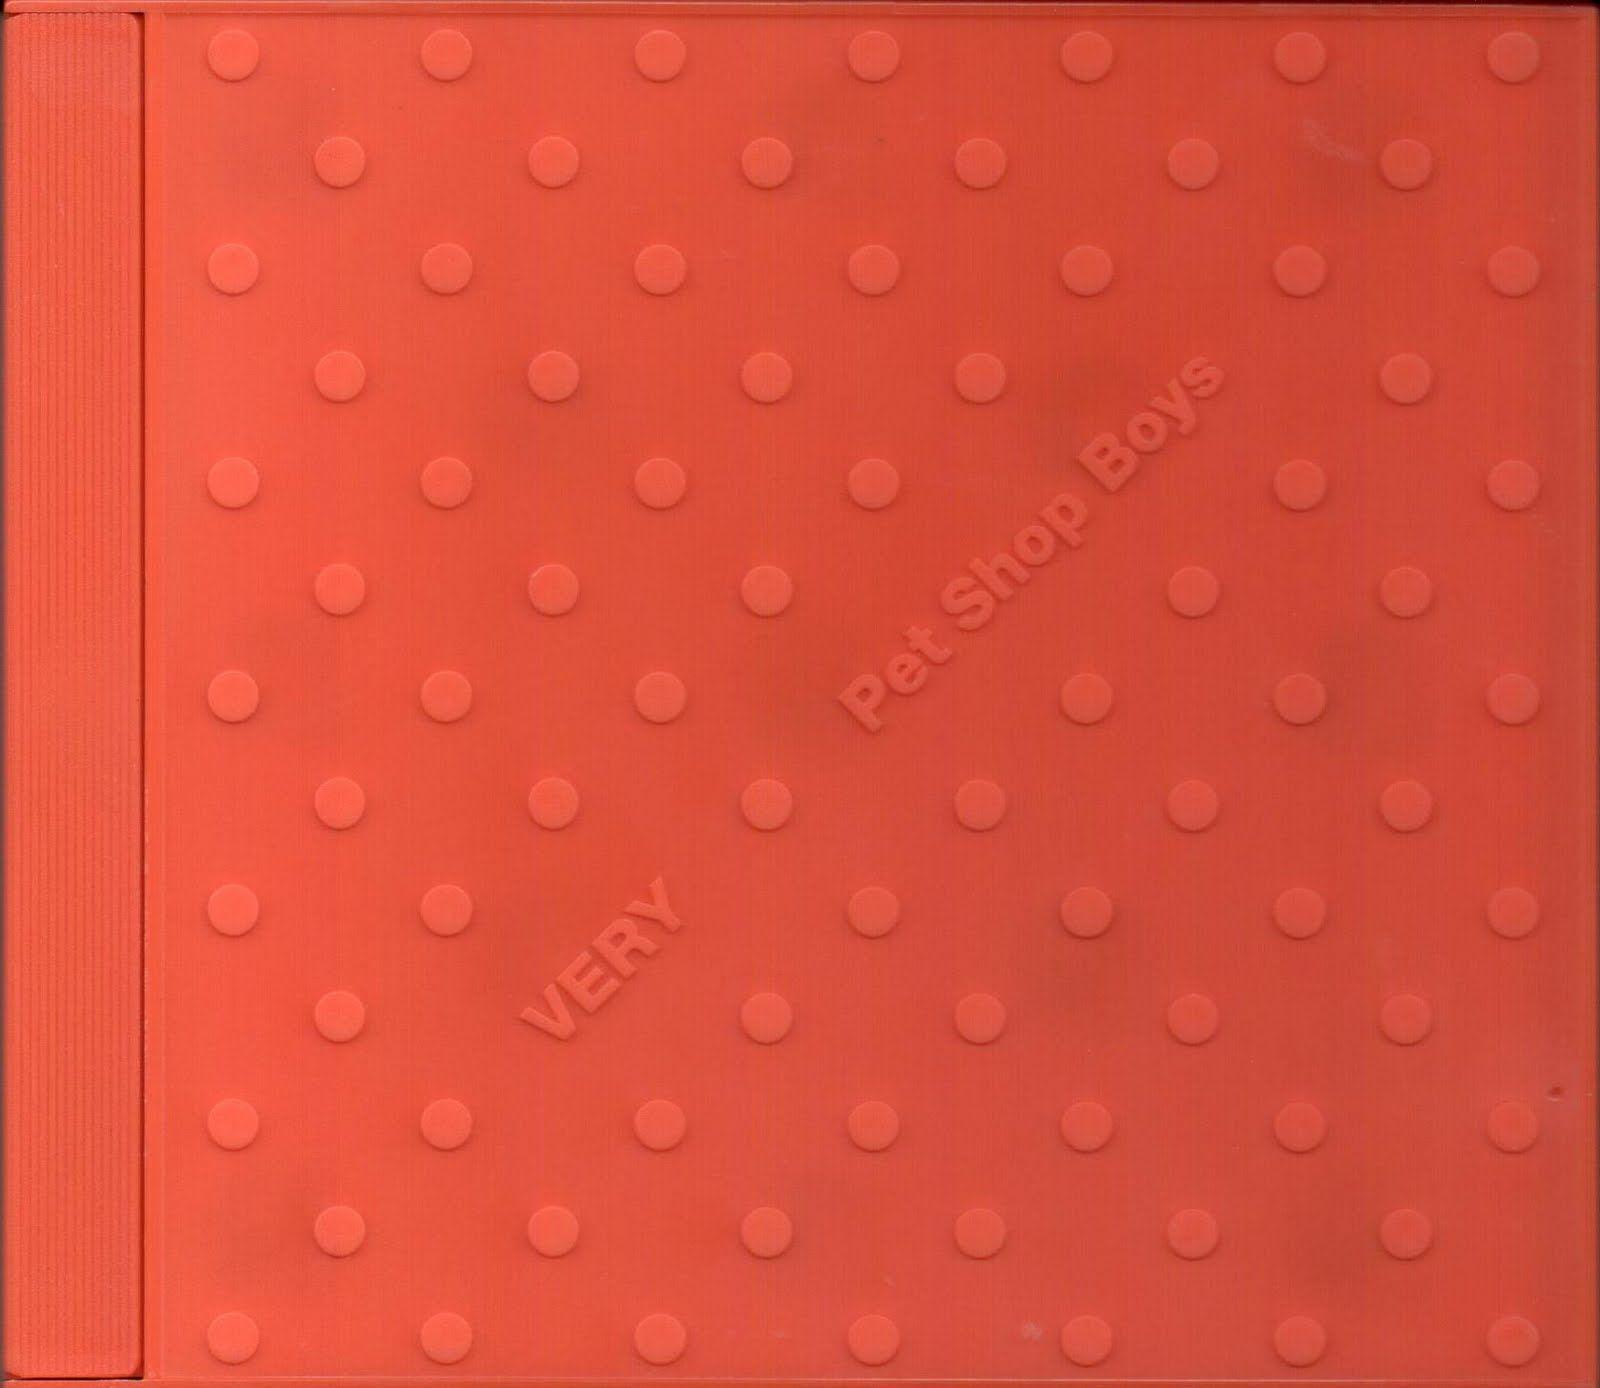 Pet Shop Boys Very Iconic Album Covers Pet Shop Boys Album